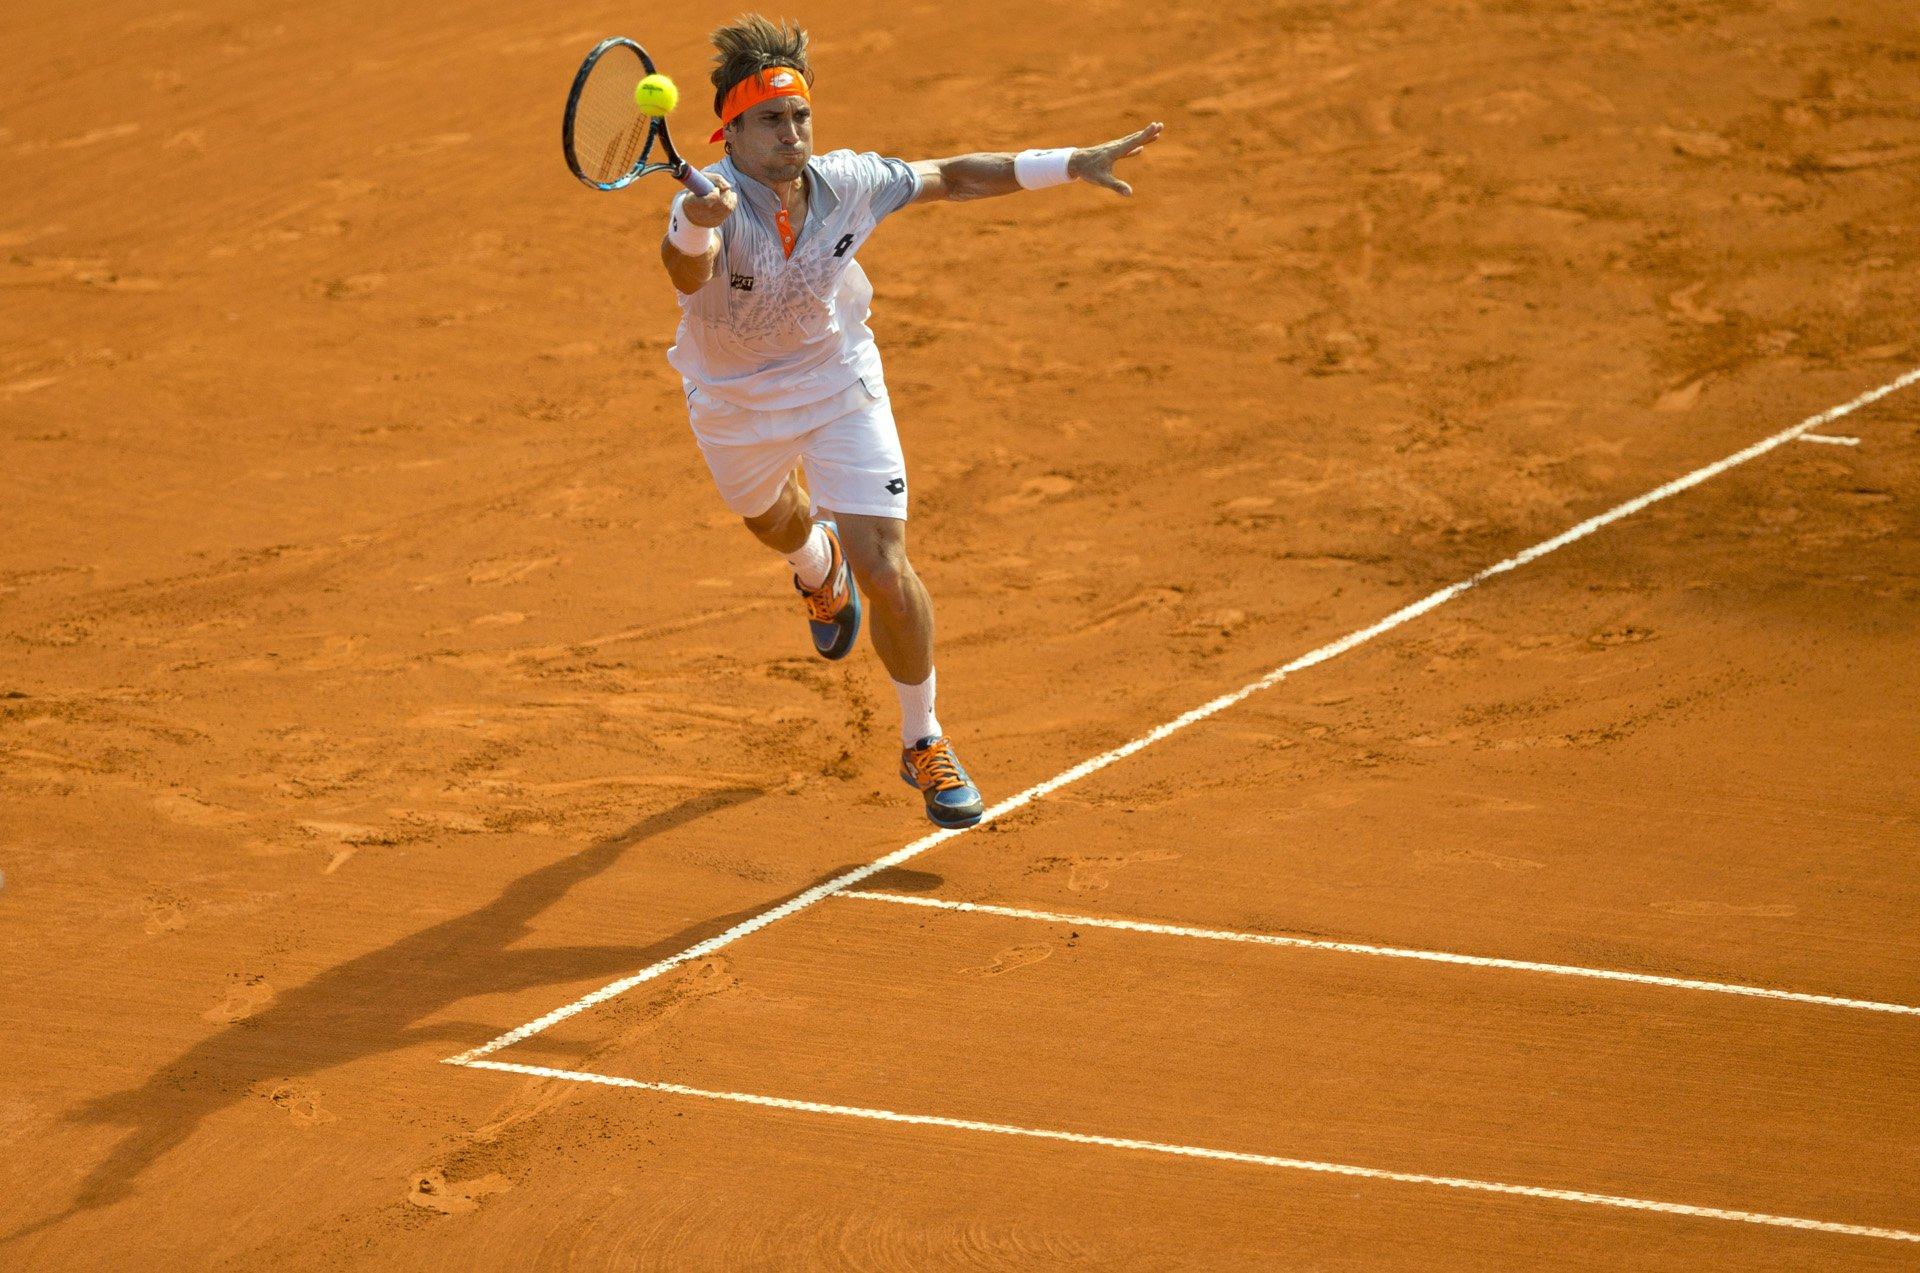 El español David Ferrer durante su partido ante el argentino Renzo Olivo en el Argentina Open